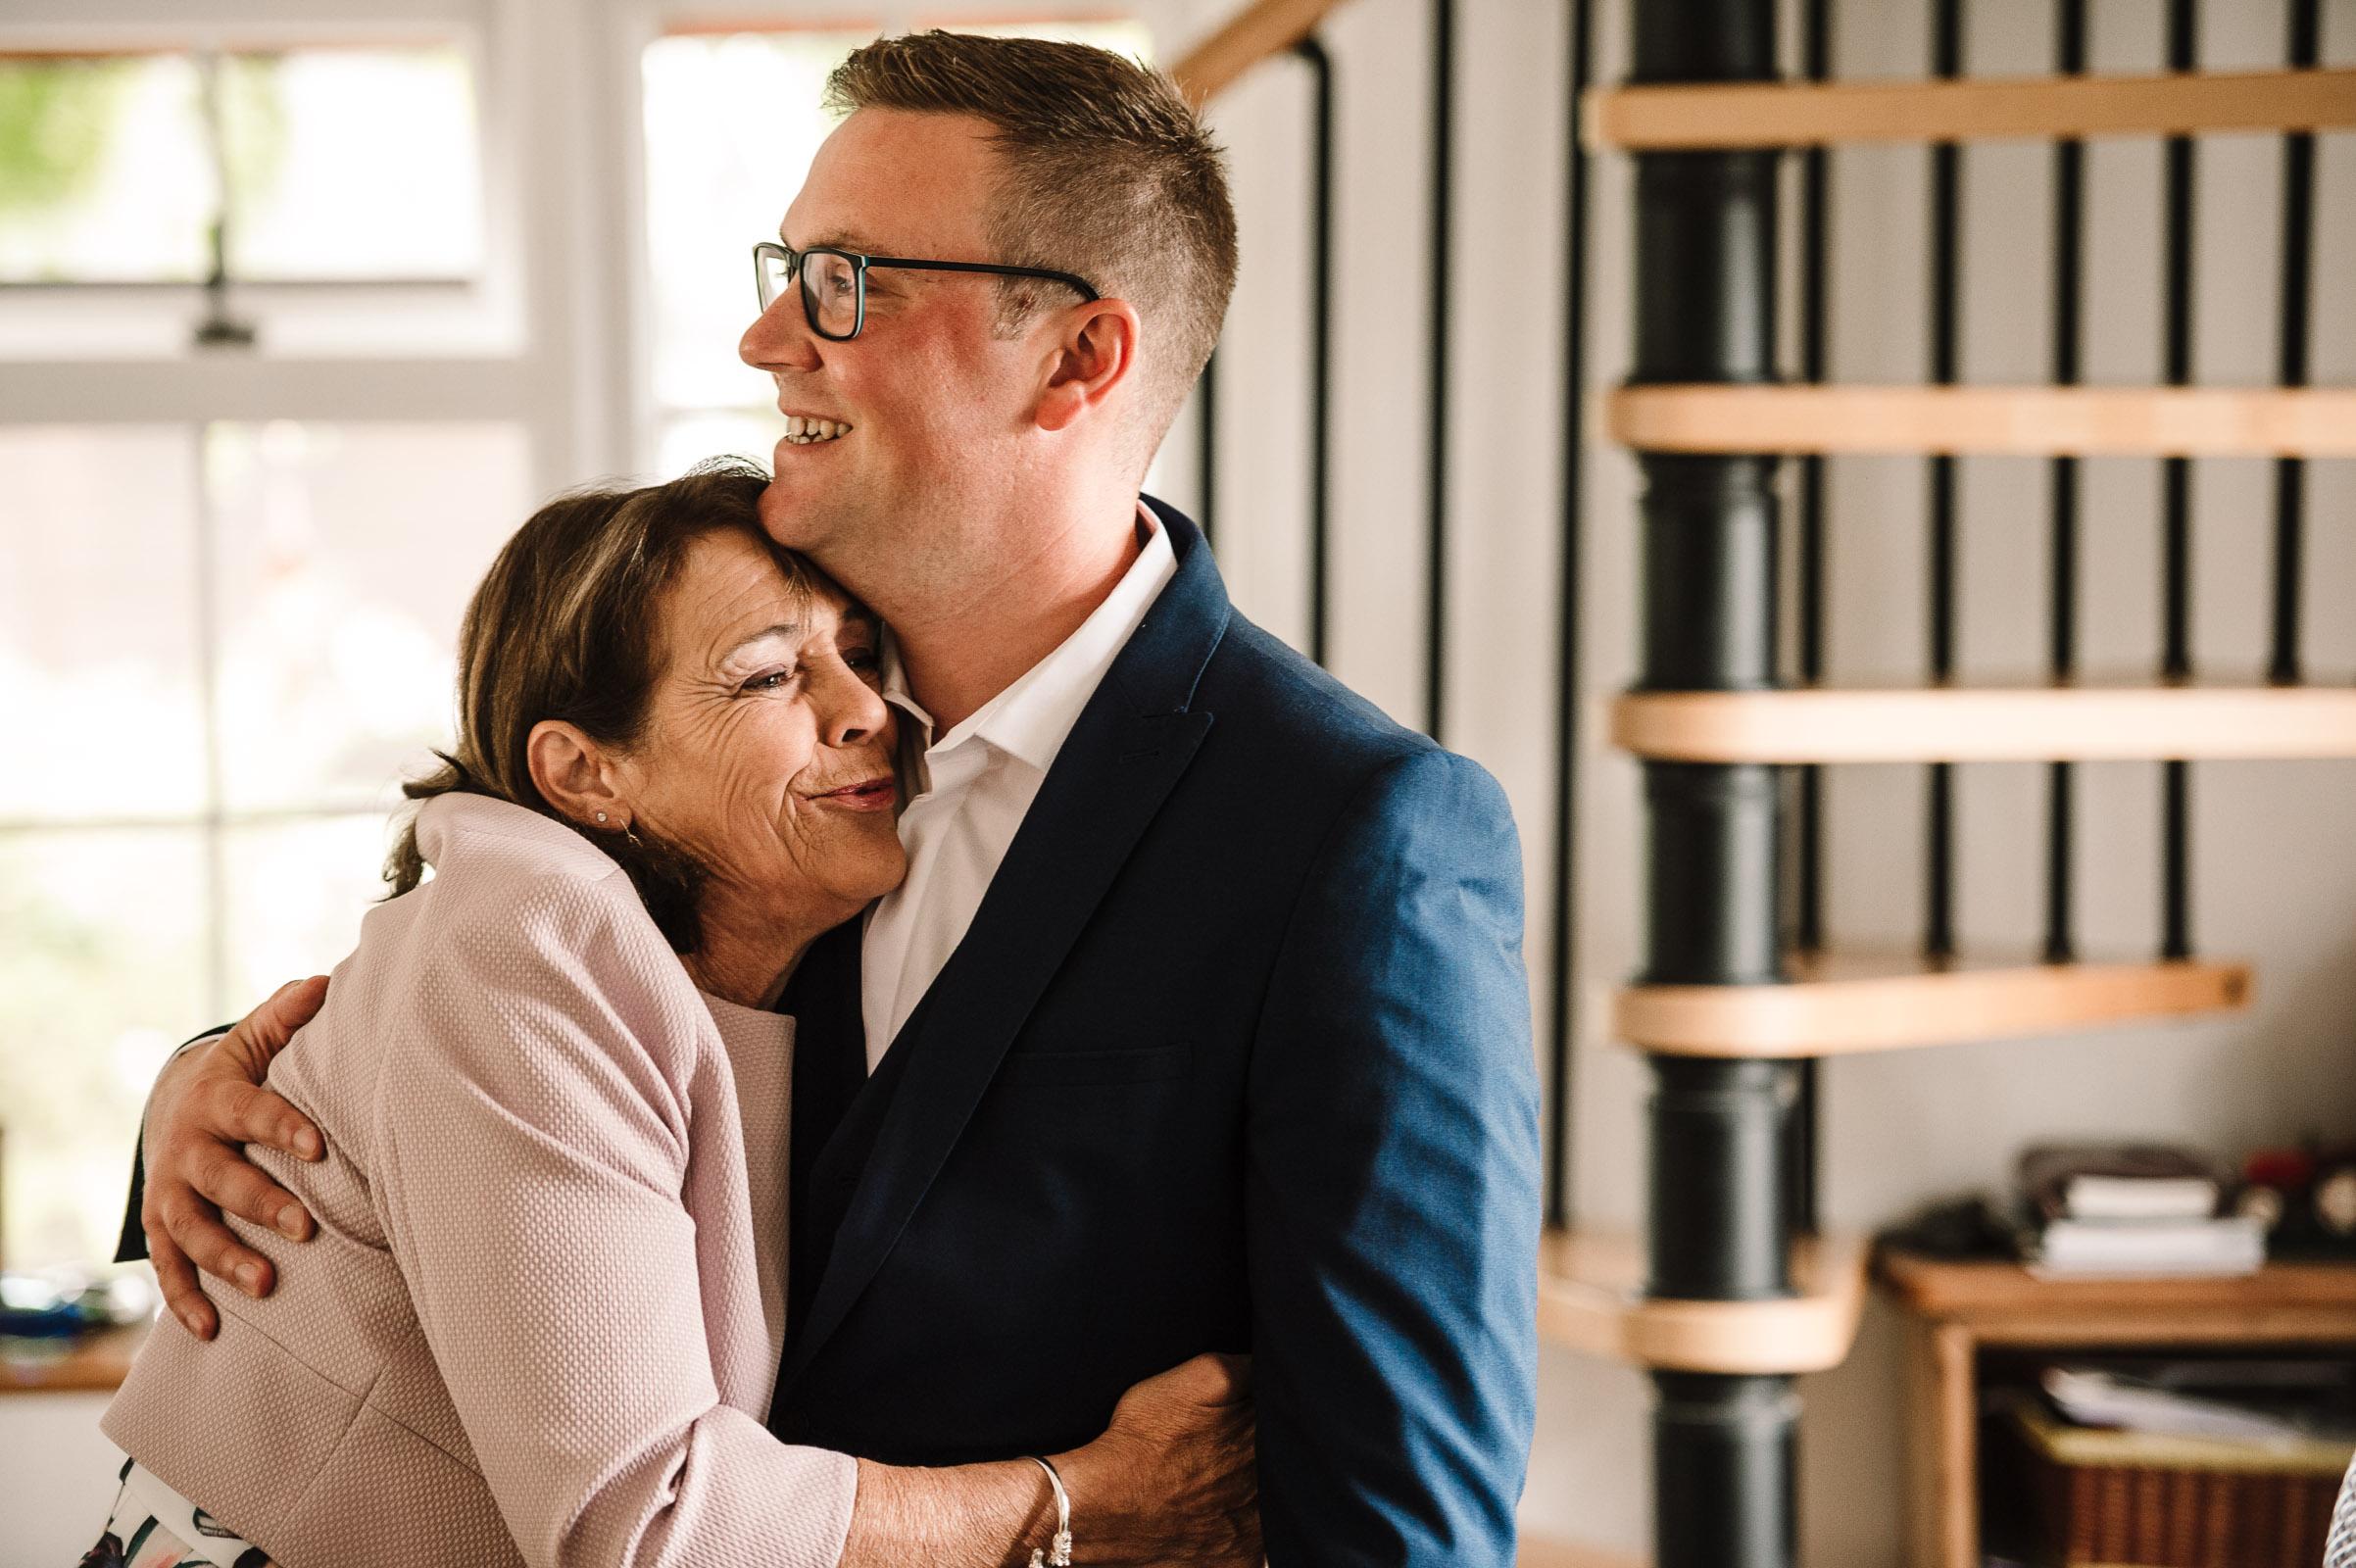 Mum hugging son on wedding morning